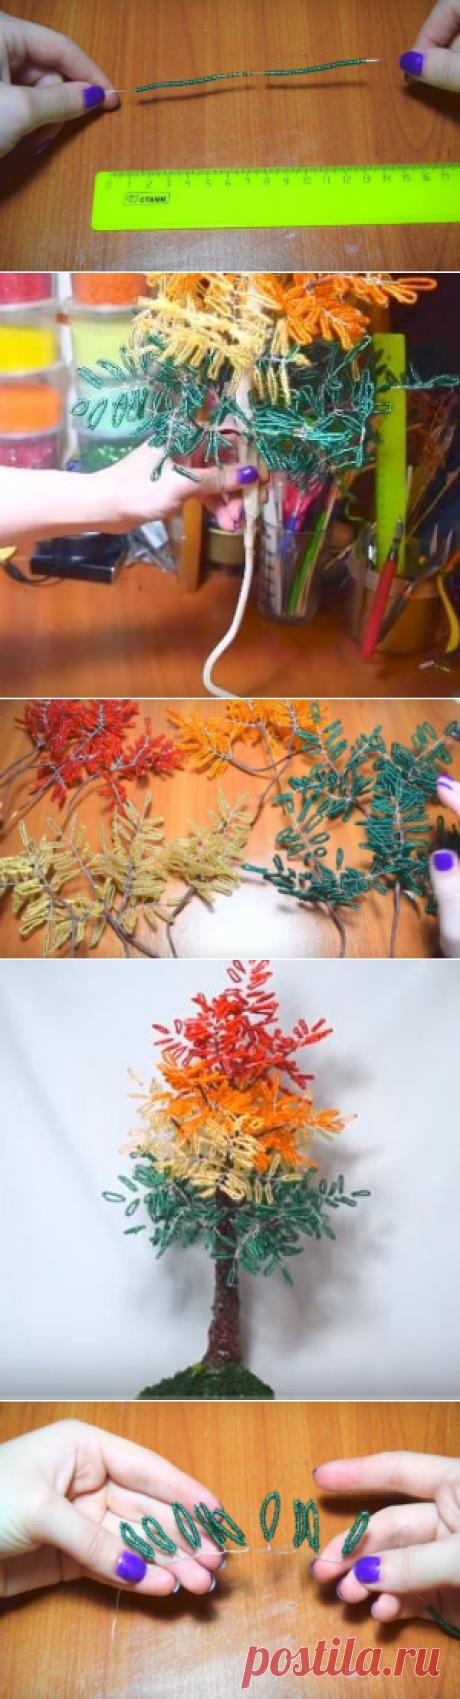 Создаем осеннее дерево своими руками: пошаговый урок | Domigolki.ru